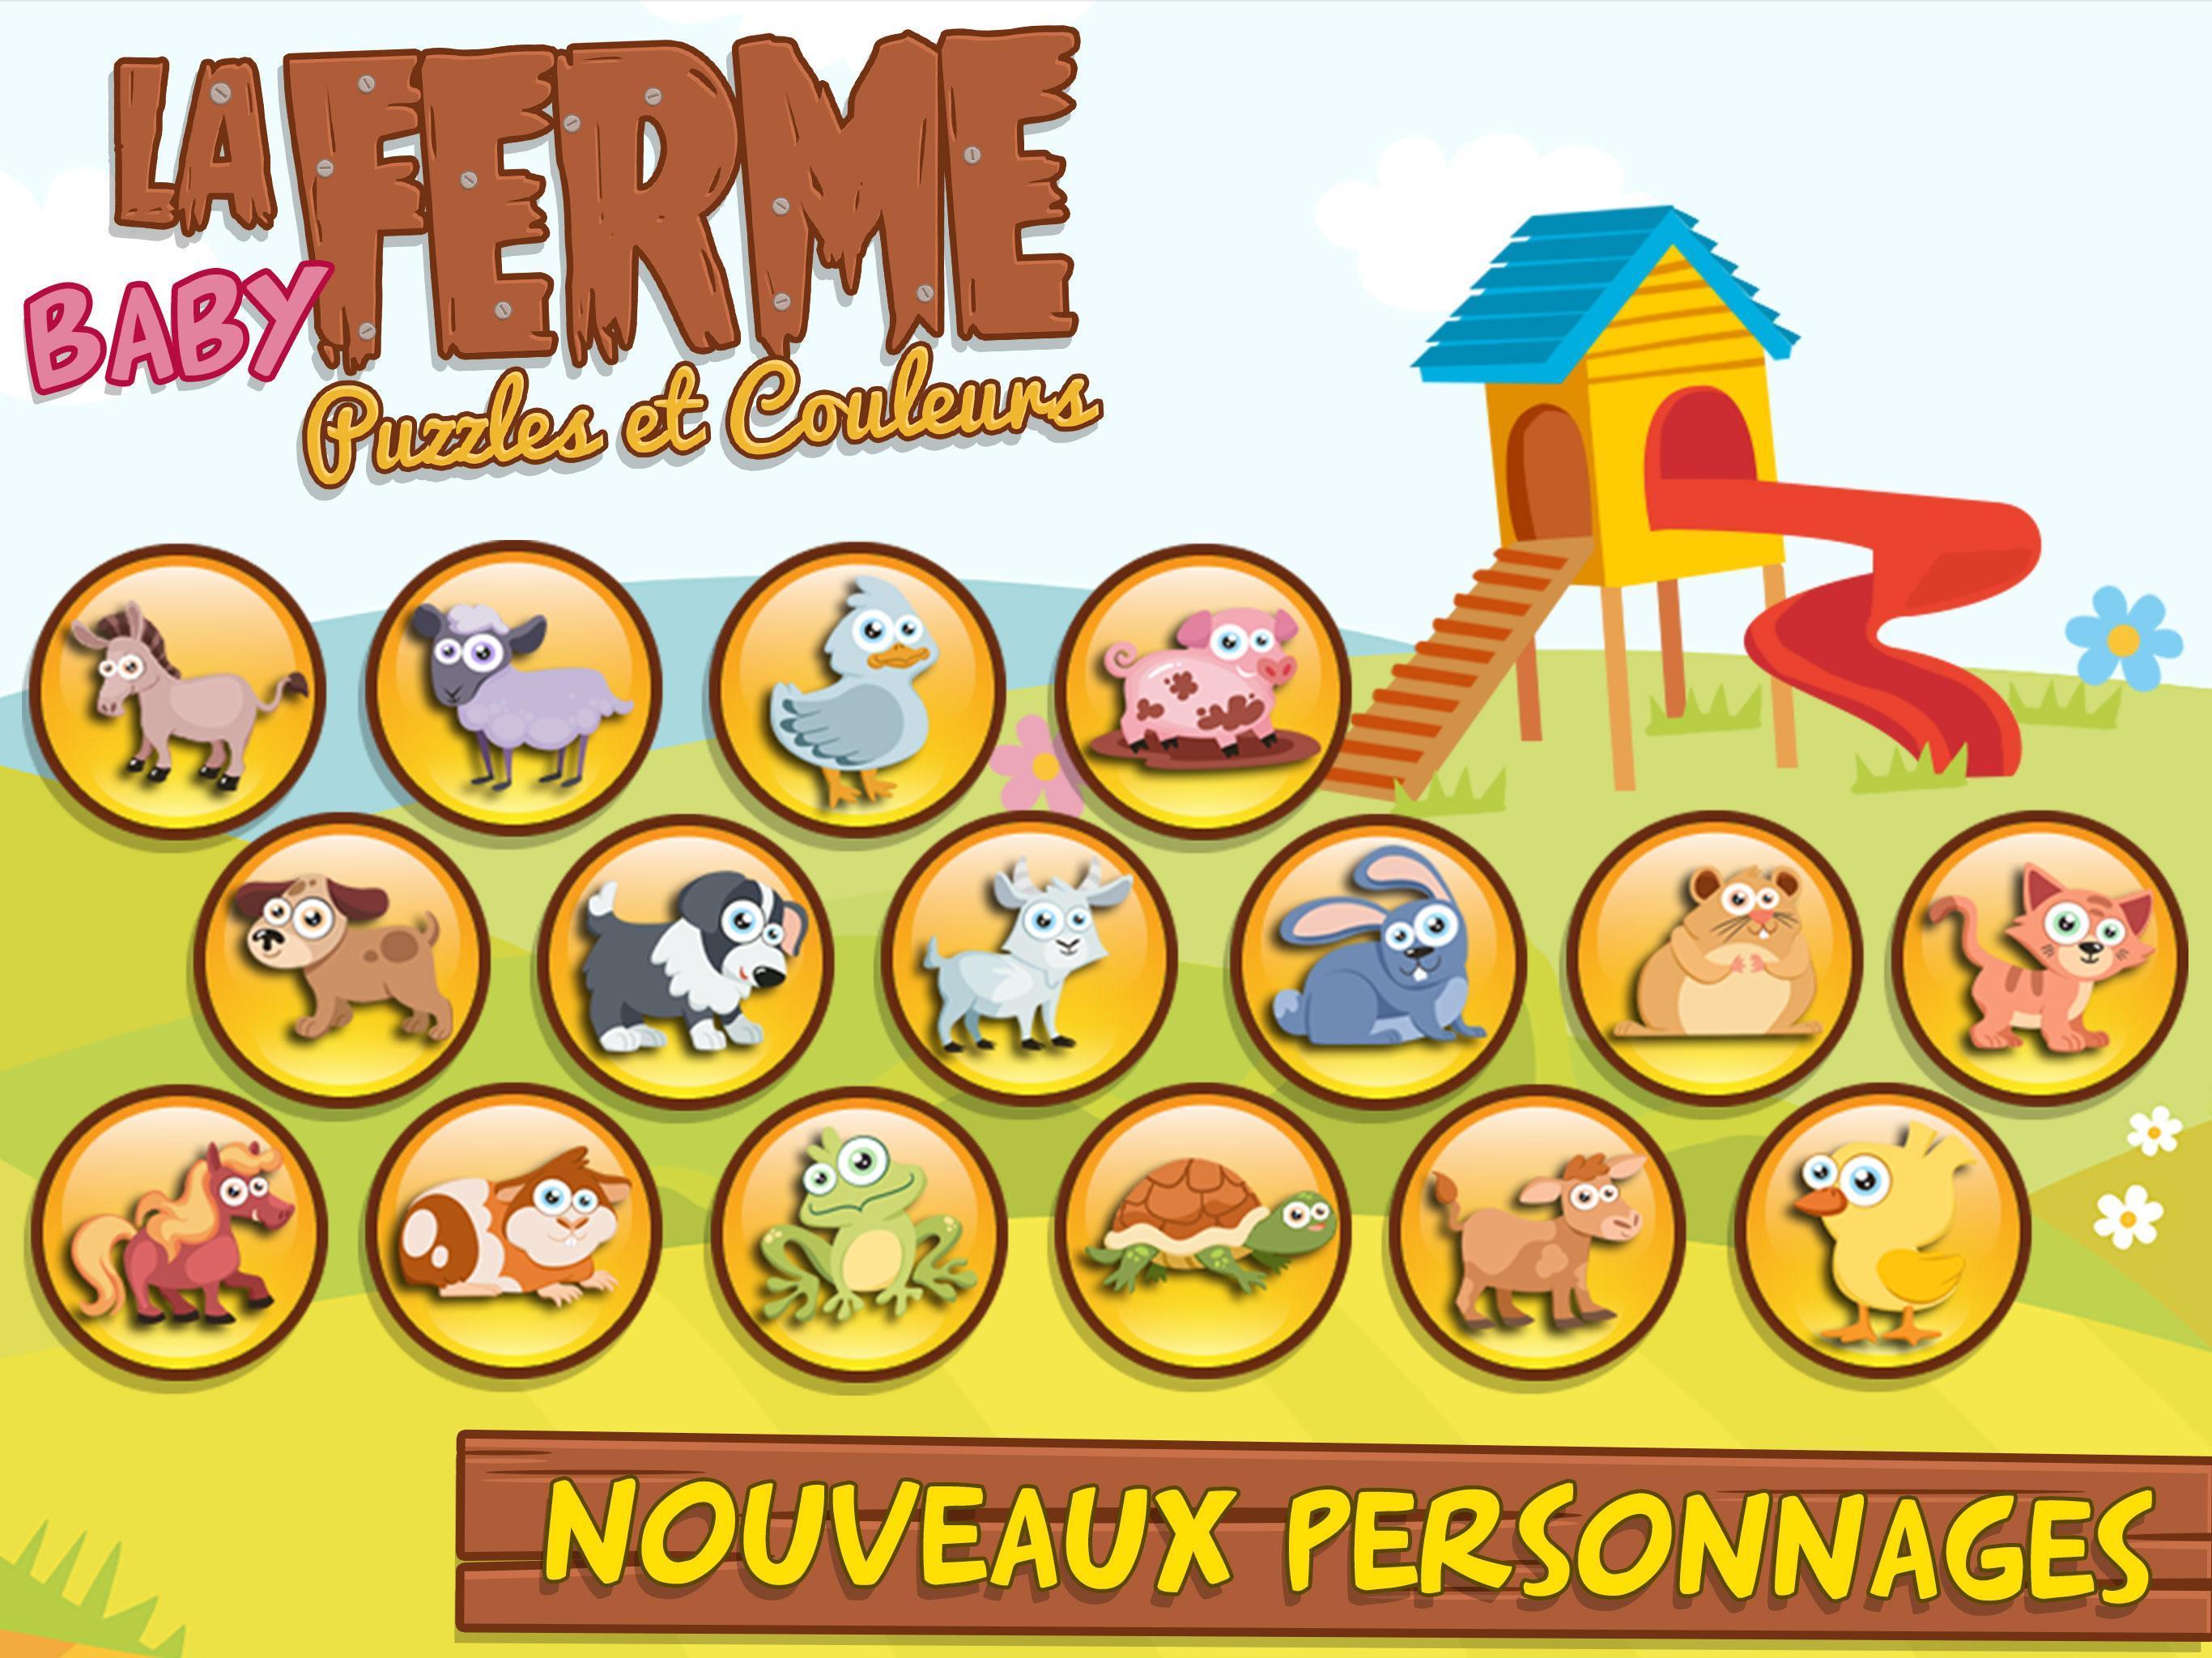 Jeux Pour Enfants Et Bebe 3+ Ans Gratuit: Ferme Pour Android encequiconcerne Jeux Enfant 3 Ans Gratuit